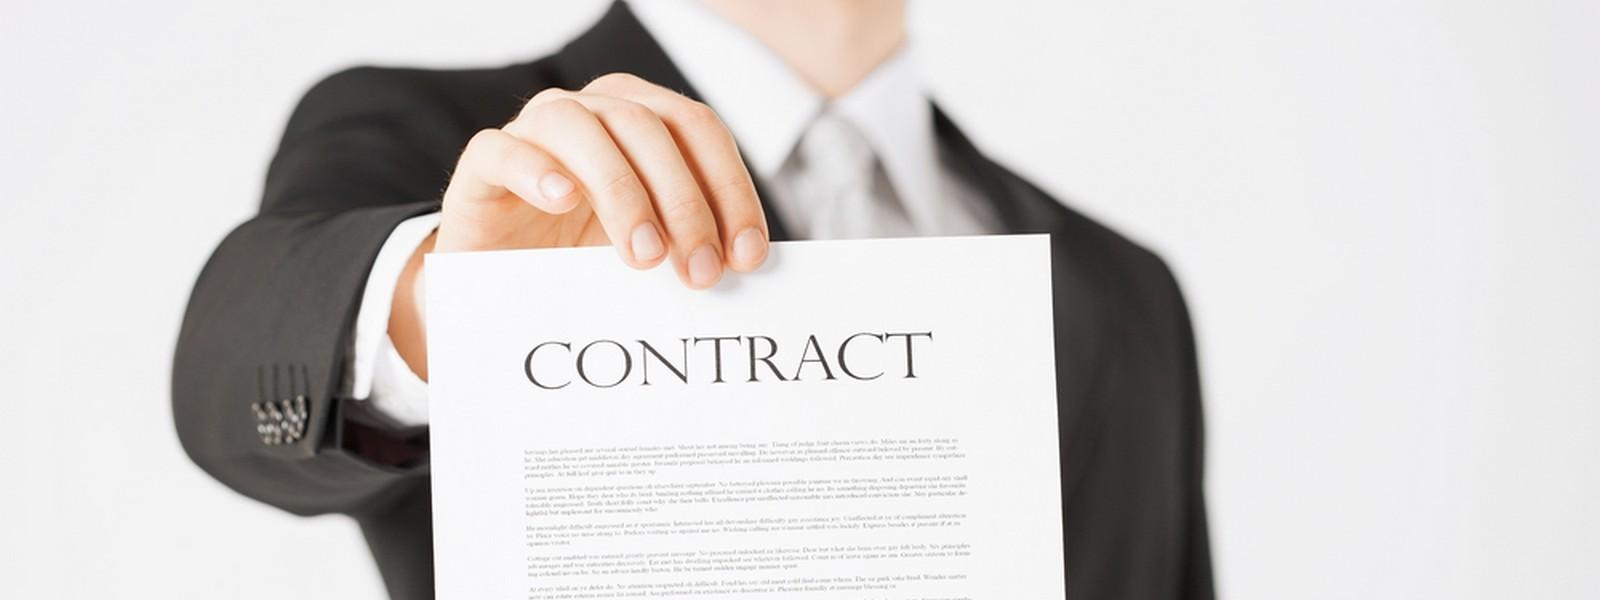 contrats d'assurance-vie image